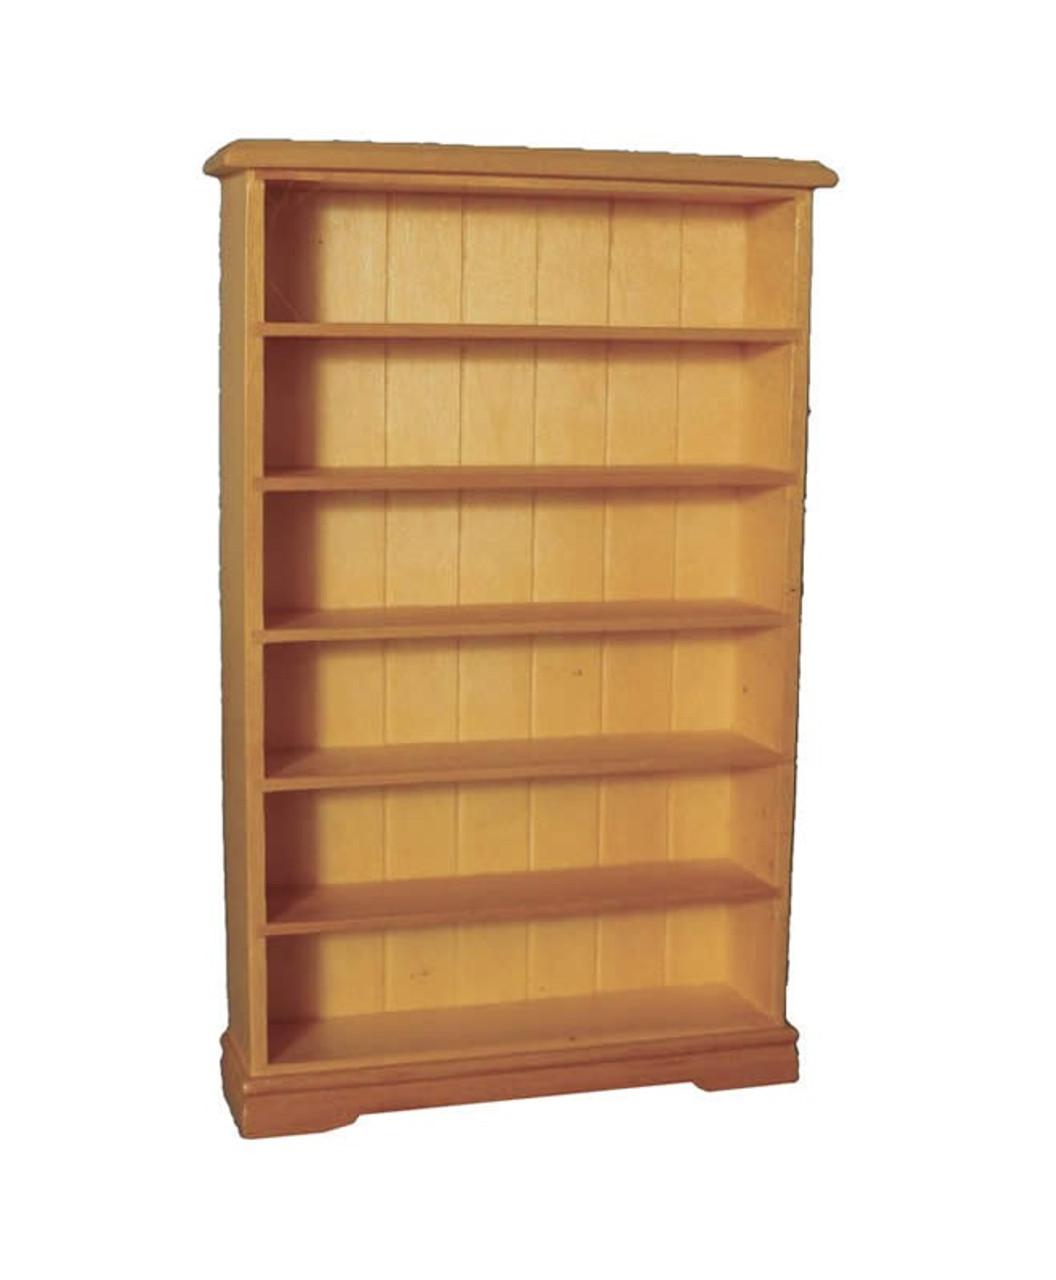 6 Shelf Bookcase in Pine DF1447